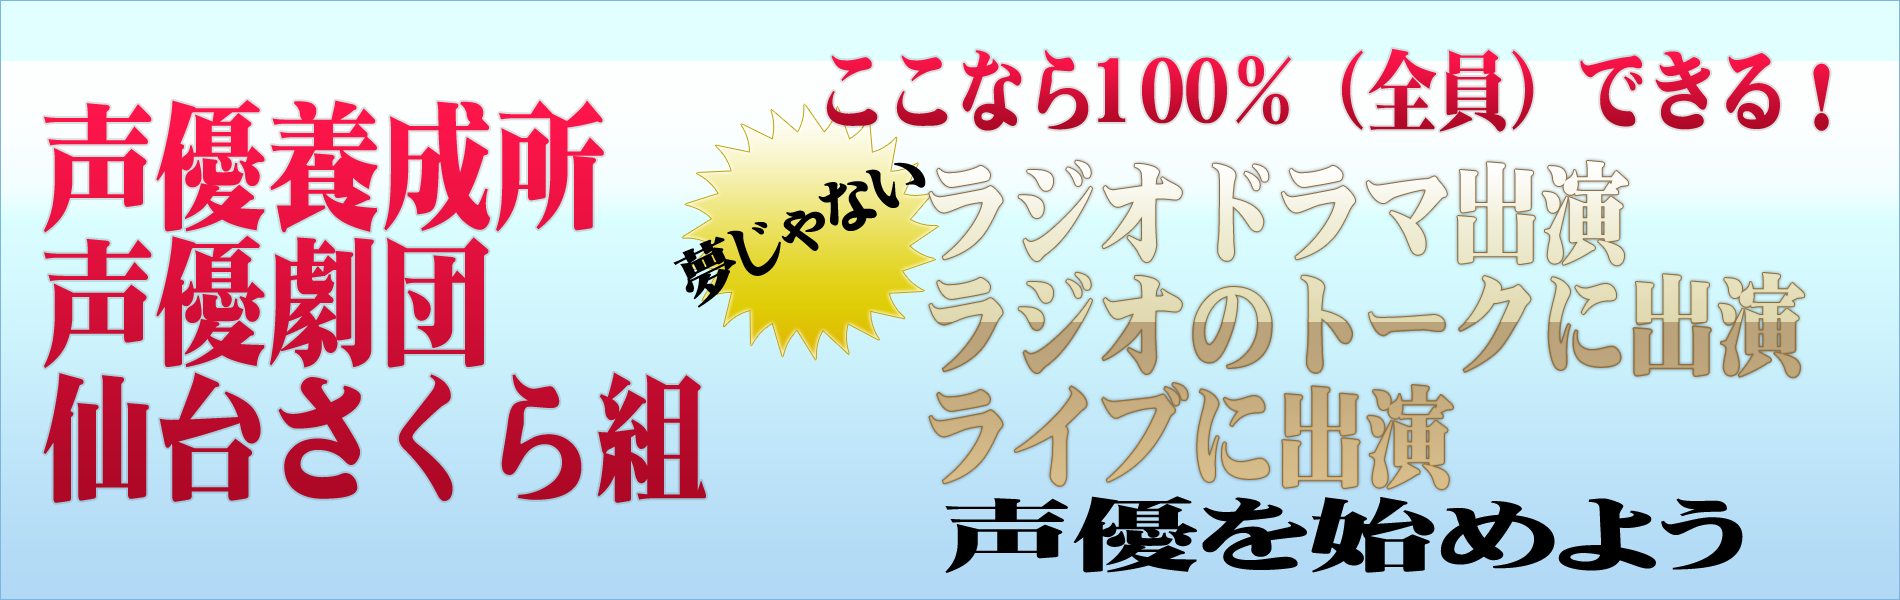 声優活動所・声優劇団仙台さくら組